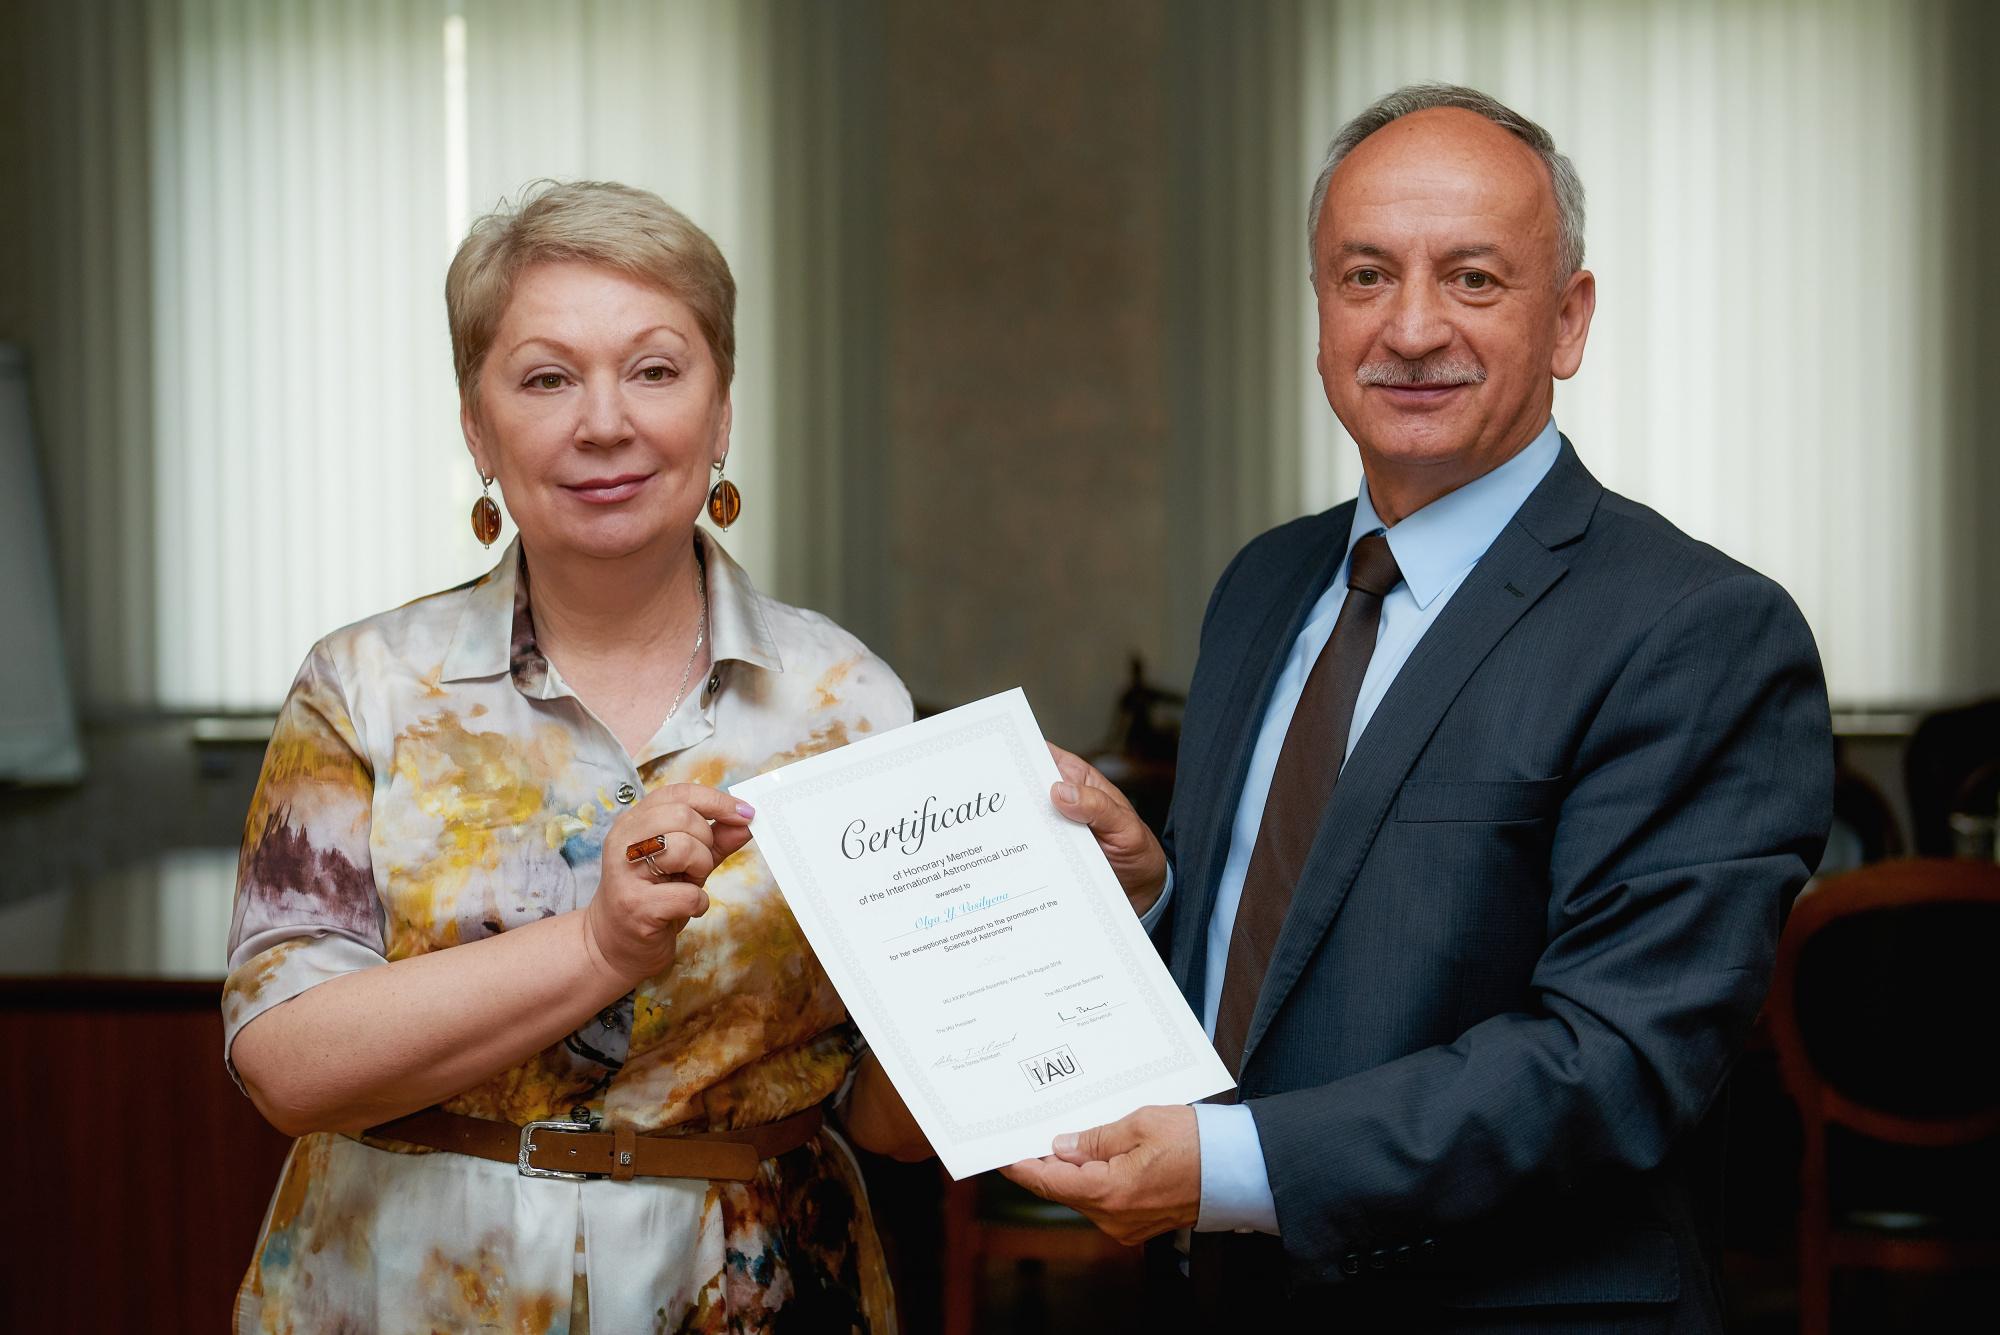 Главе Минпросвещения России вручили свидетельство почётного члена интернационального астрономического со